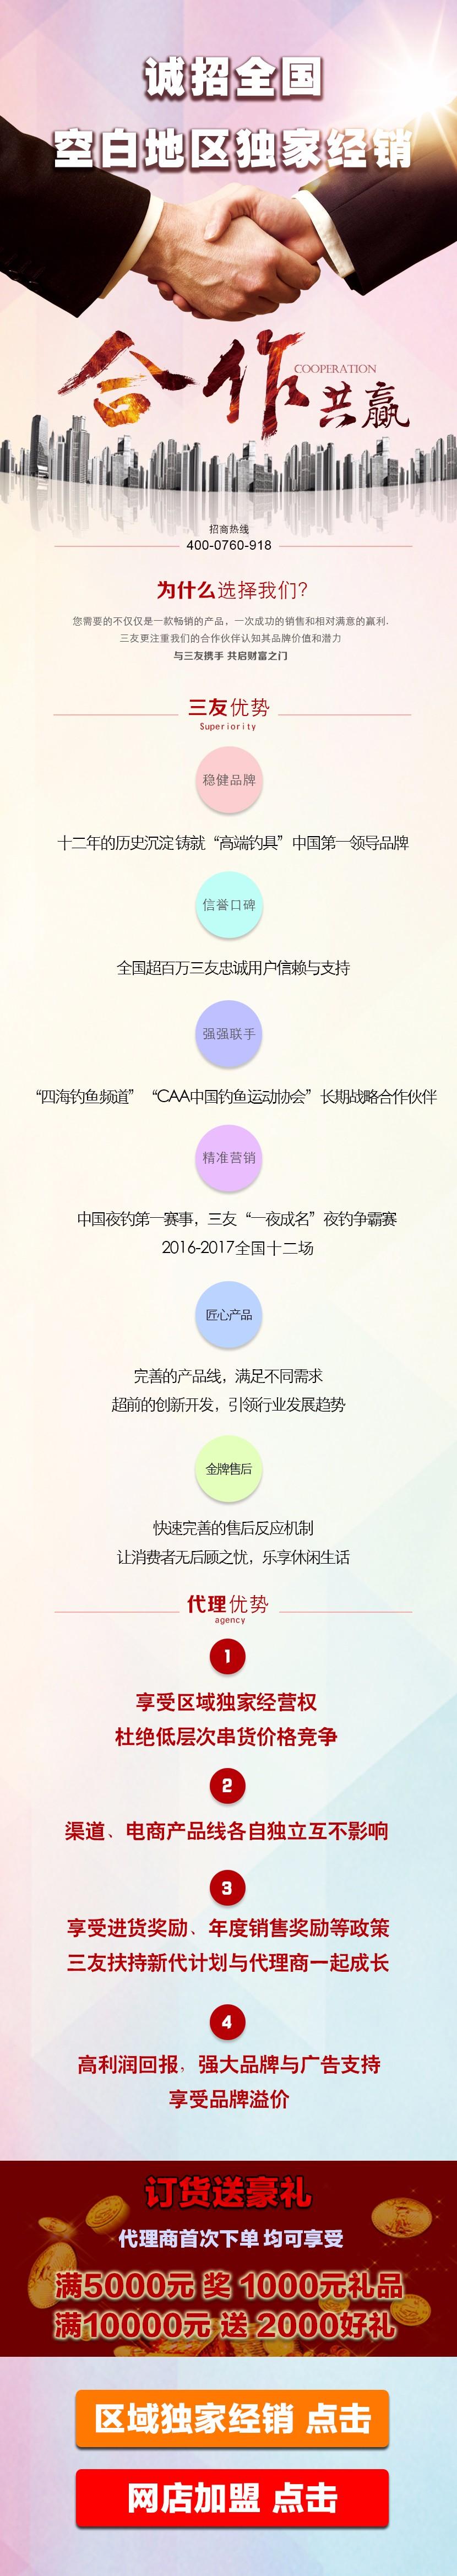 招商政策.jpg